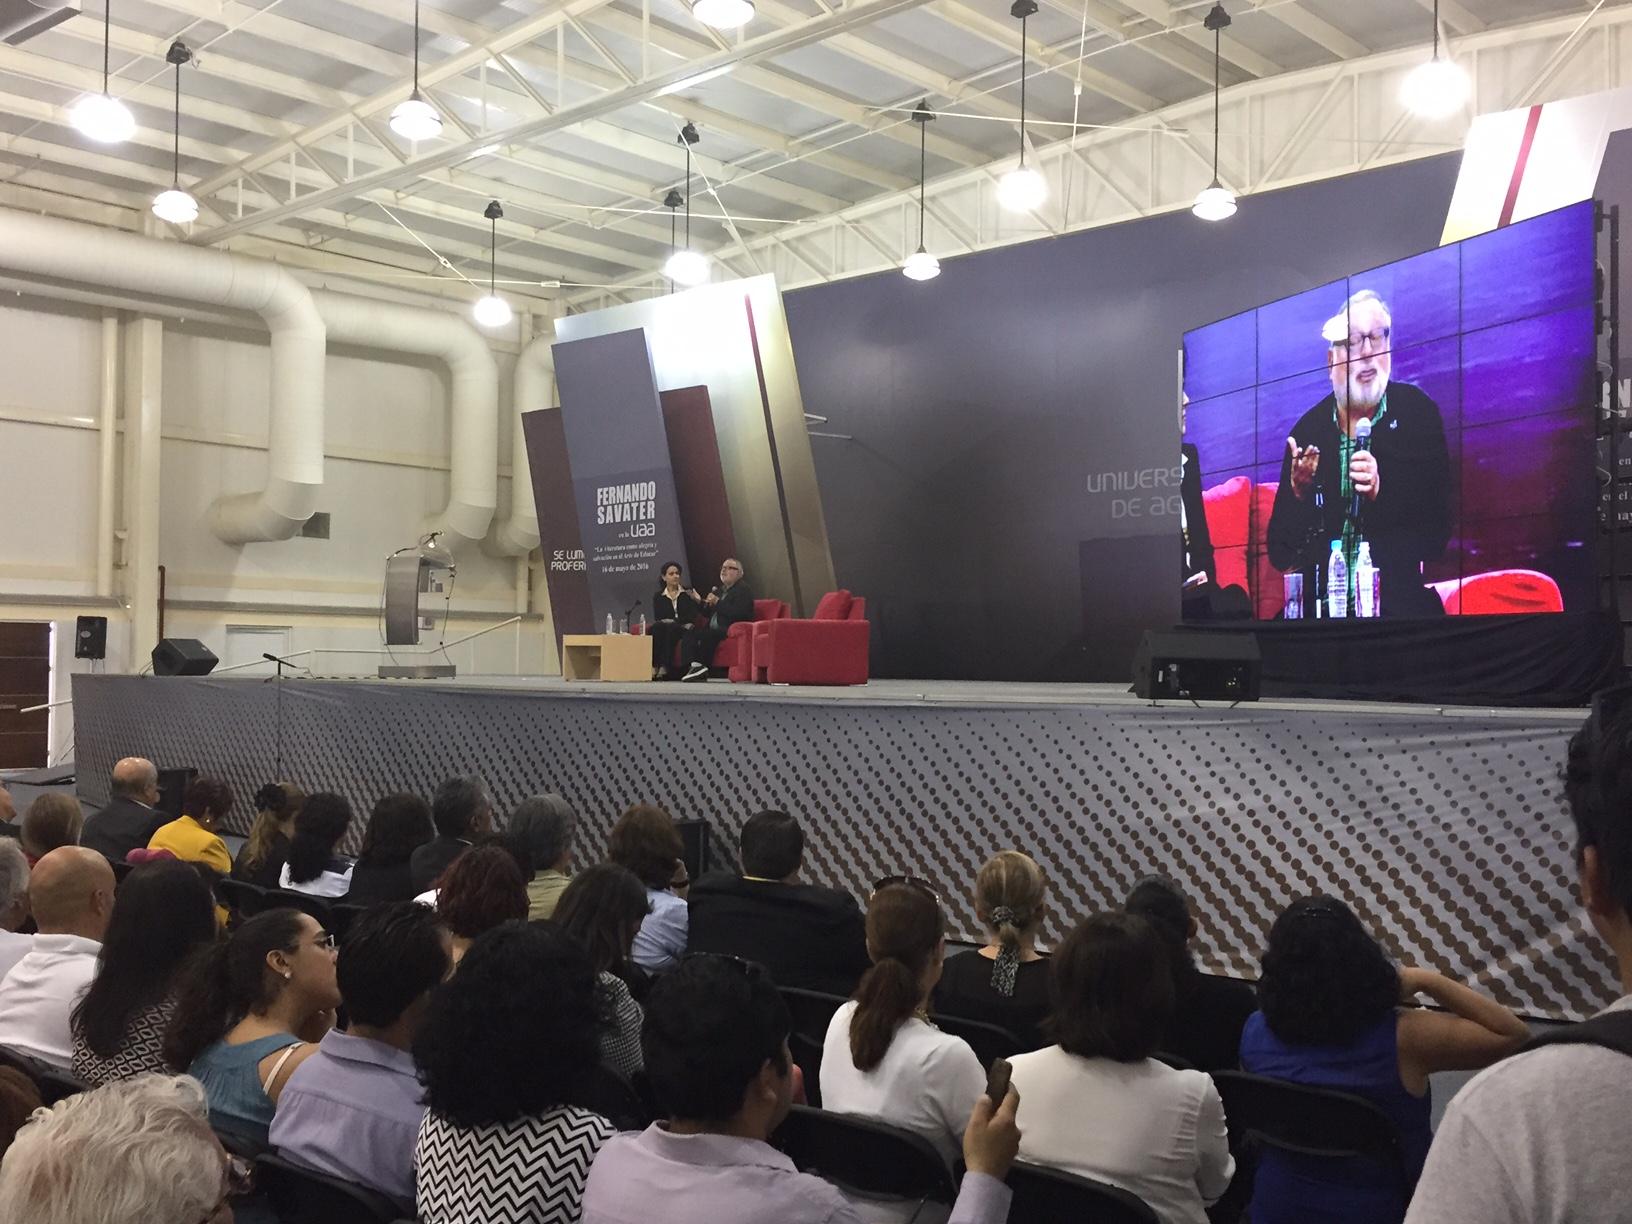 La política es paciencia y riesgo: Fernando Savater